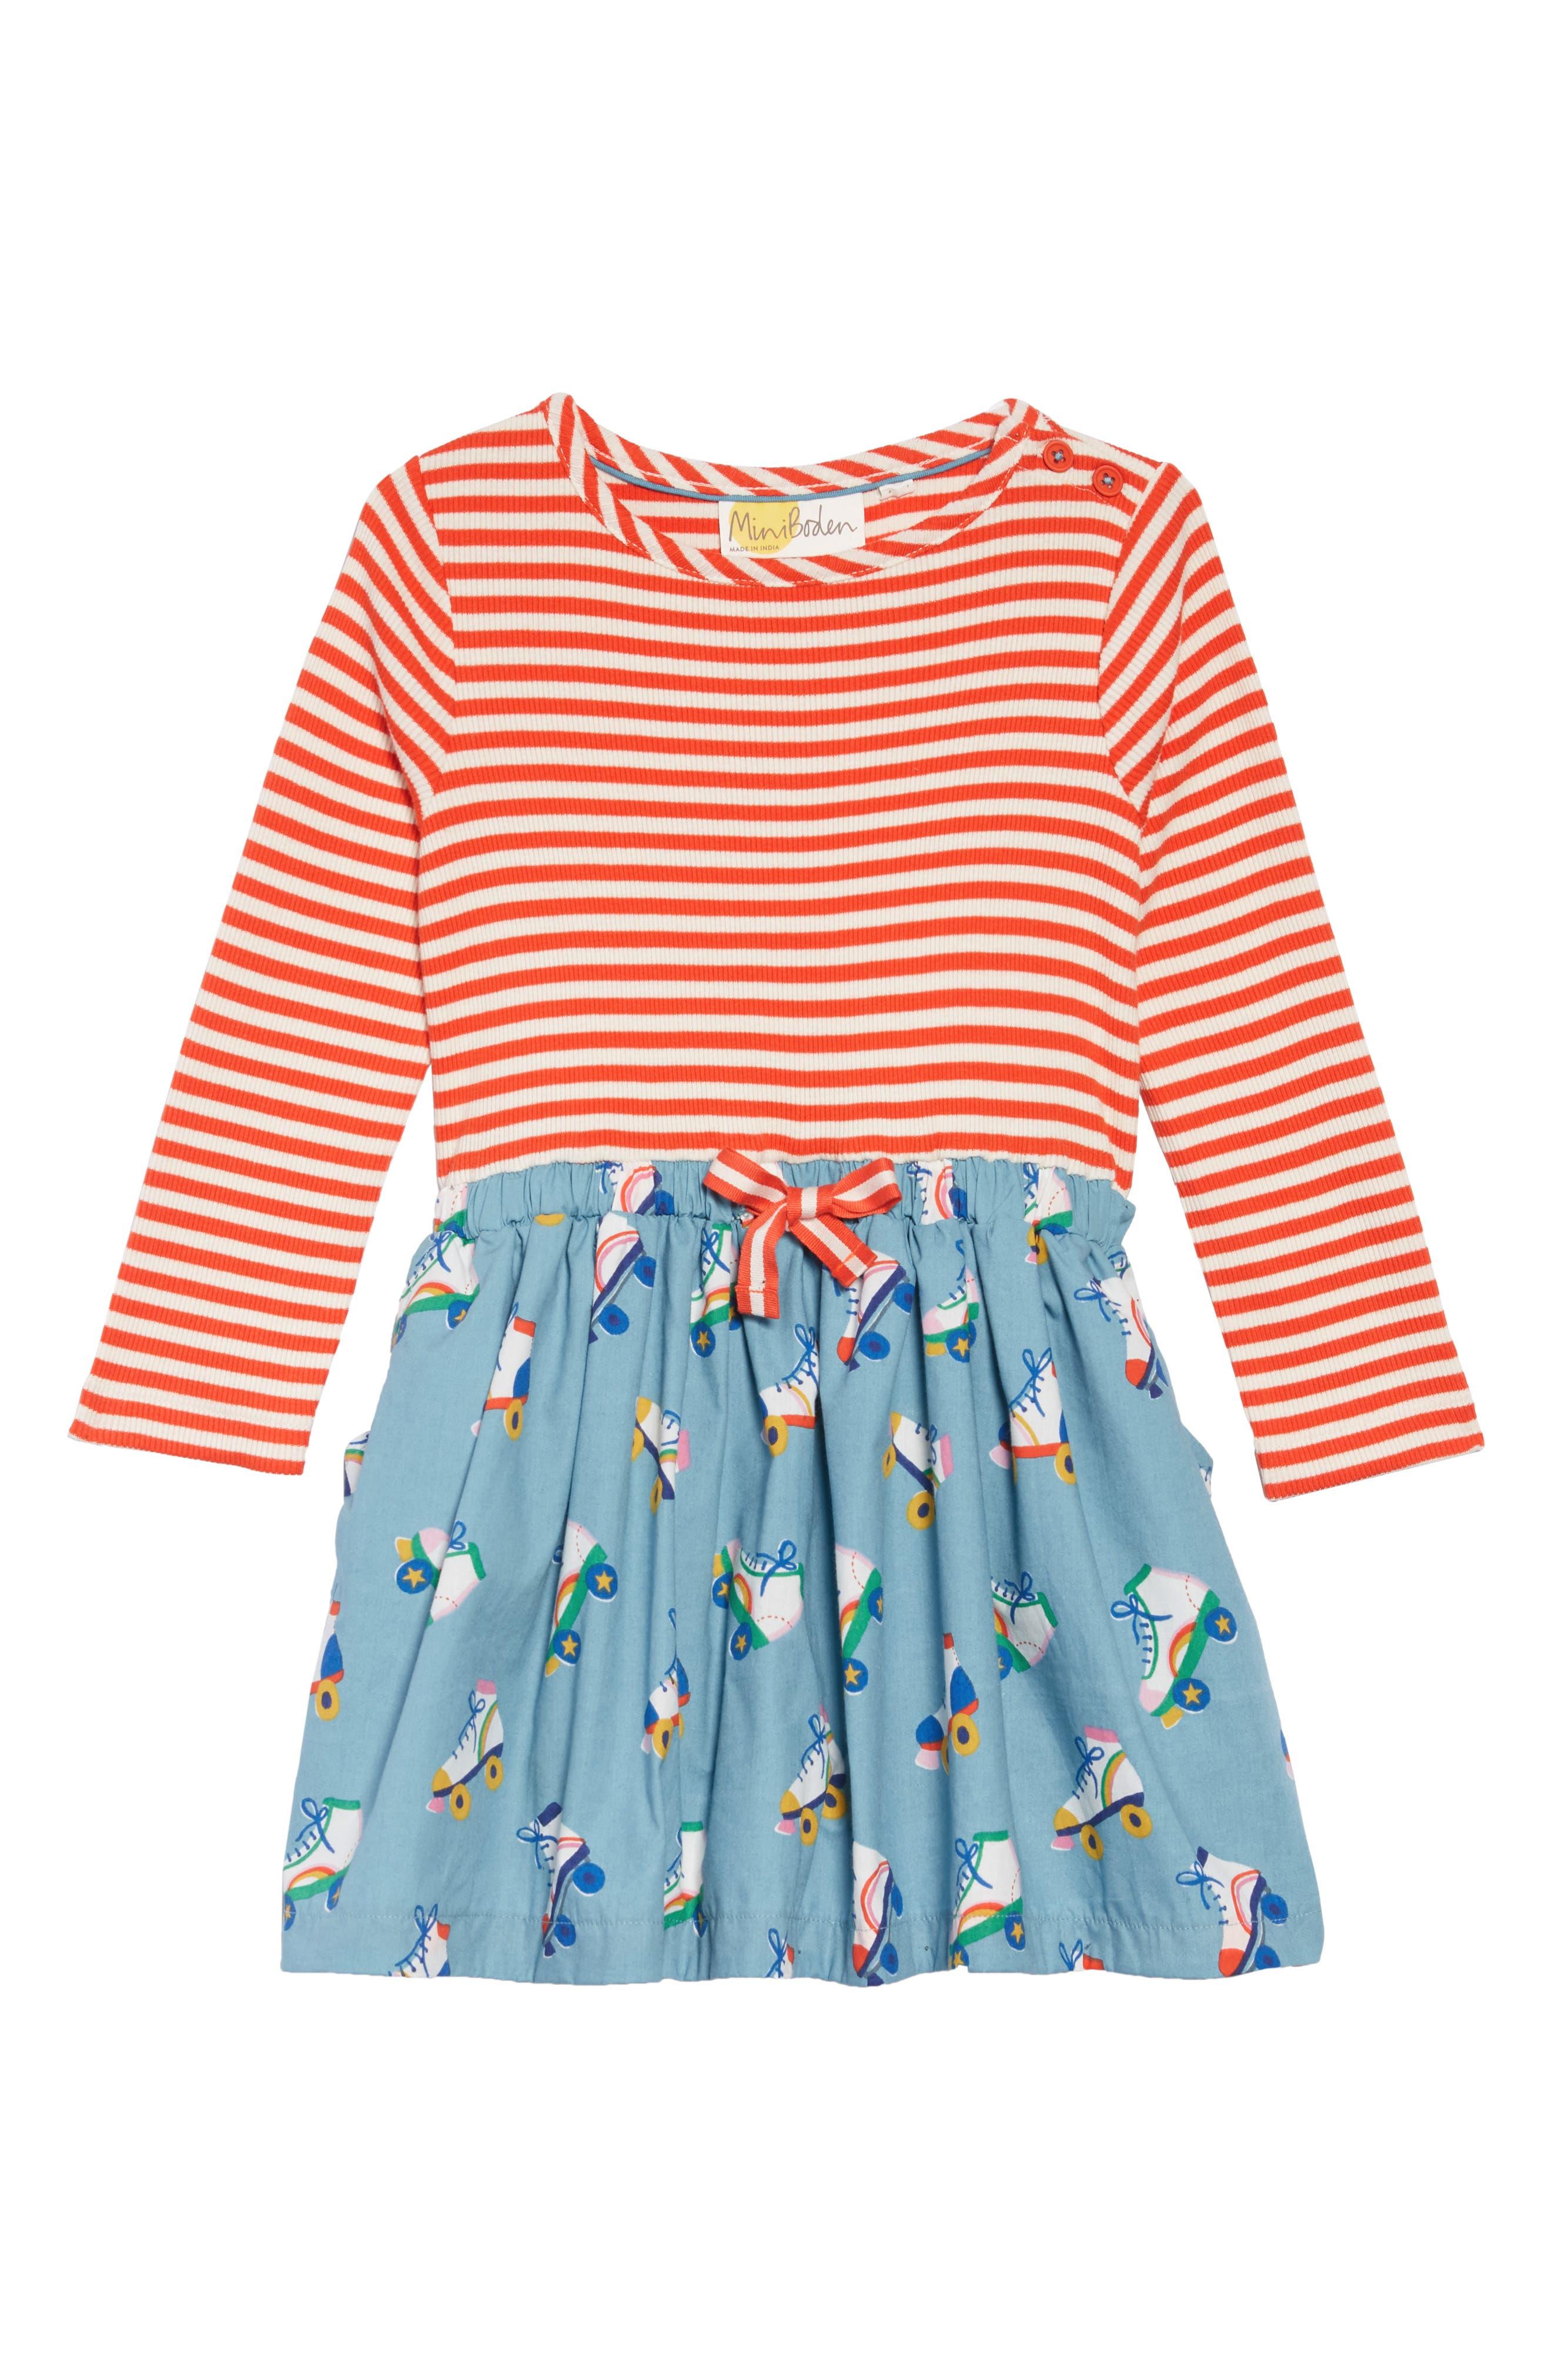 Hopscotch Dress,                             Main thumbnail 1, color,                             BLUE ROLLER SKATES